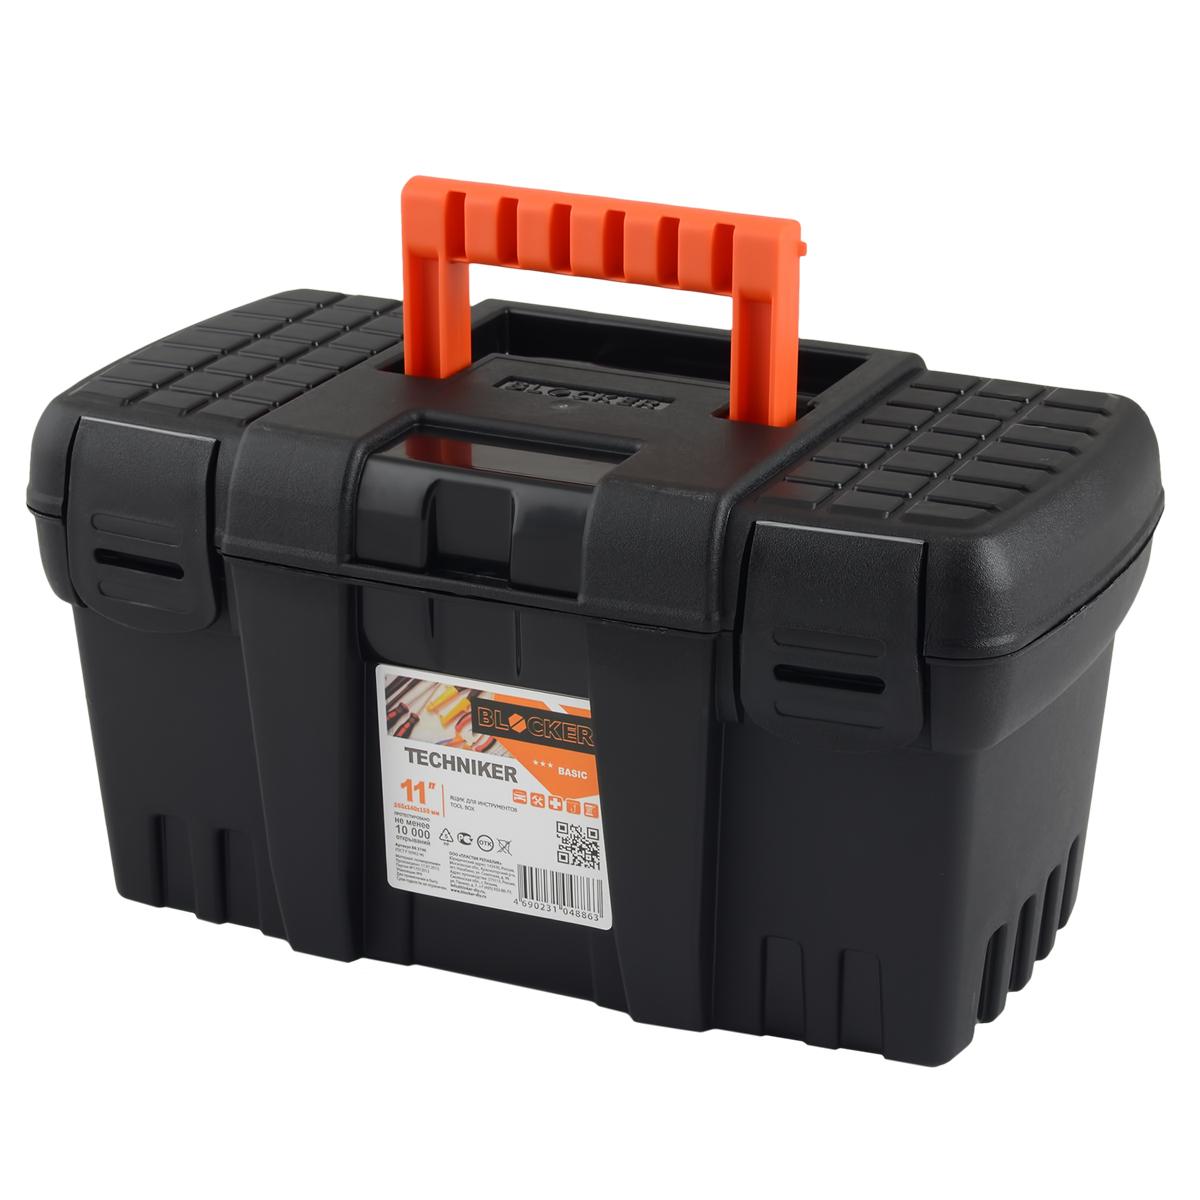 Ящик для инструментов Blocker Techniker, цвет: черный, 380 х 210 х 195 ммBR3747ЧРОтлично подходит для организации хранения и транспортировки инструментов и принадлежностей к ним в автомобиле, на даче или дома. Петли и замки выполнены единым элементом с корпусом. Не имеет внутреннего лотка. Каждый элемент имеет ресурс 10 000 изгибов, что позволяет интенсивно эксплуатировать продукт несколько лет.